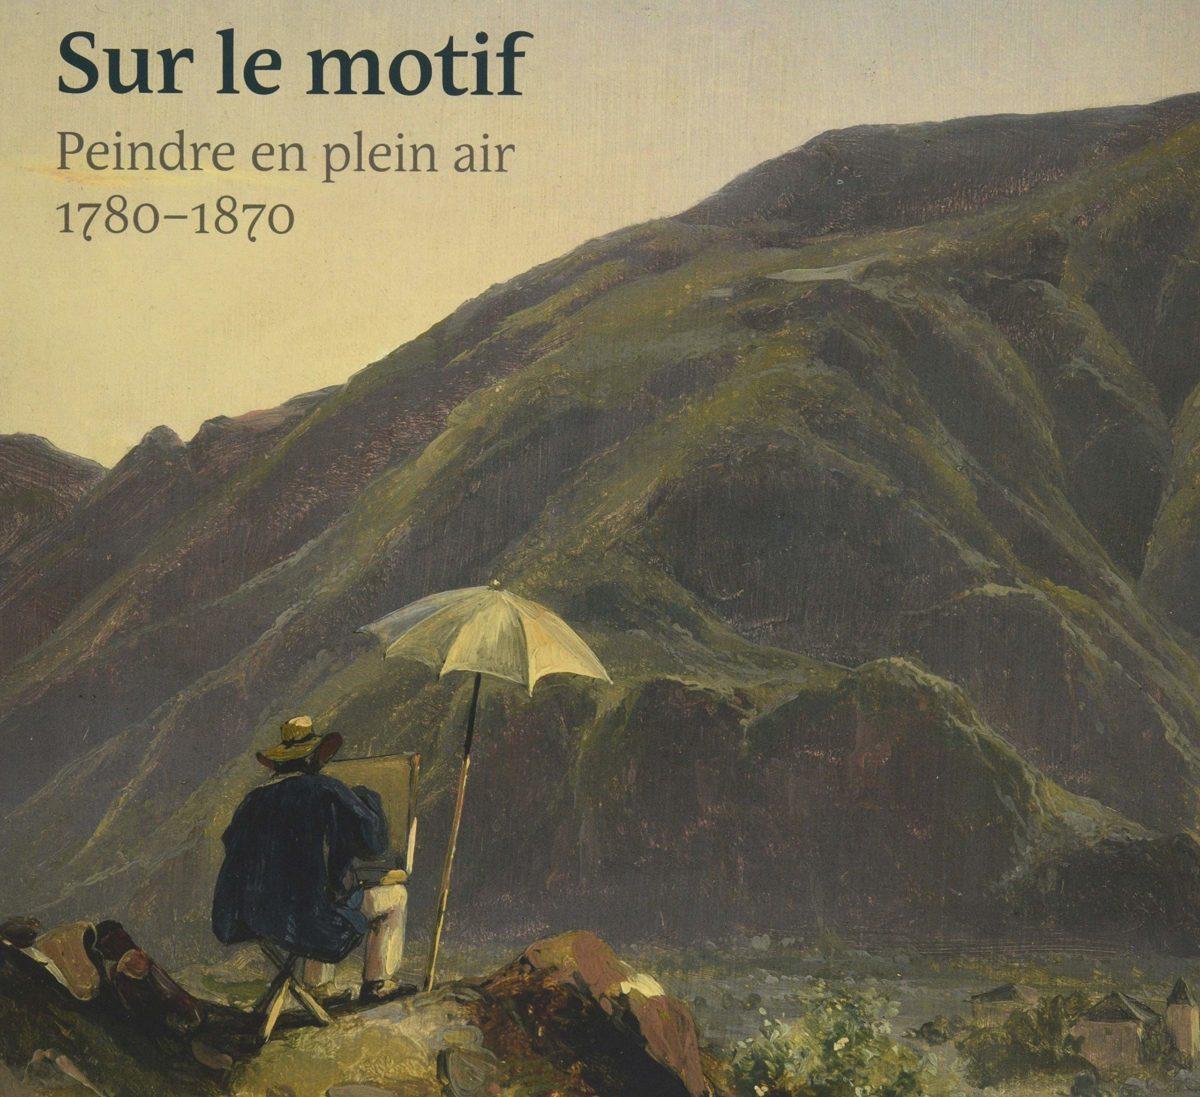 , Sur le motif, peindre en plein air 1780 - 1870